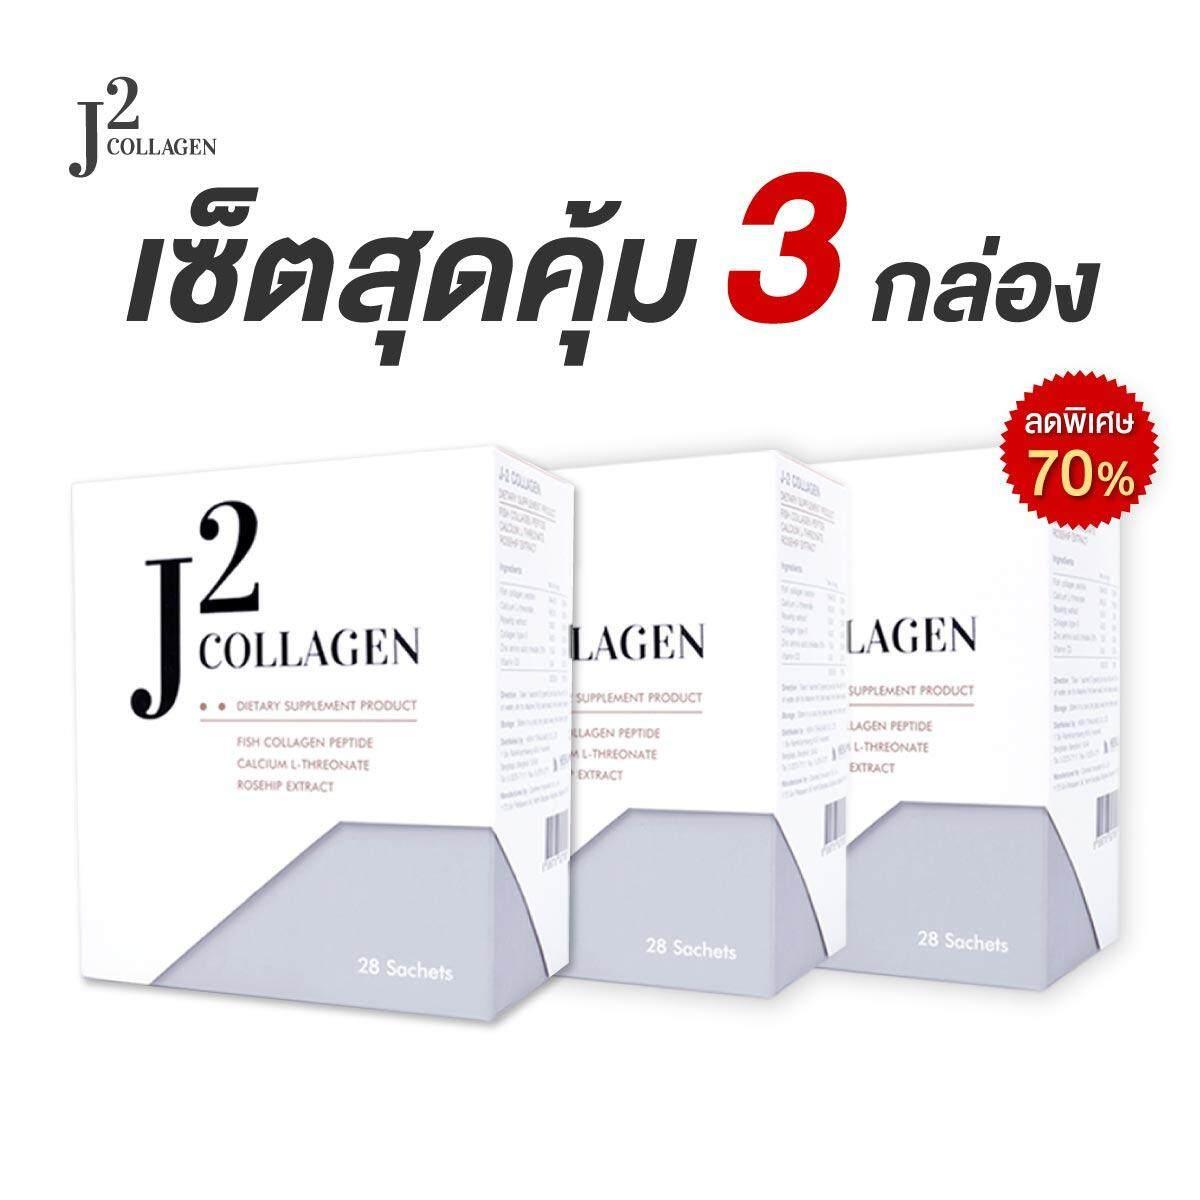 ซื้อ J2 Collagen เจย์ทู คอลลาเจน ช่วยบำรุงข้อเข่า ข้อต่อ กระดูก เซตสุดคุ้ม 3 กล่อง